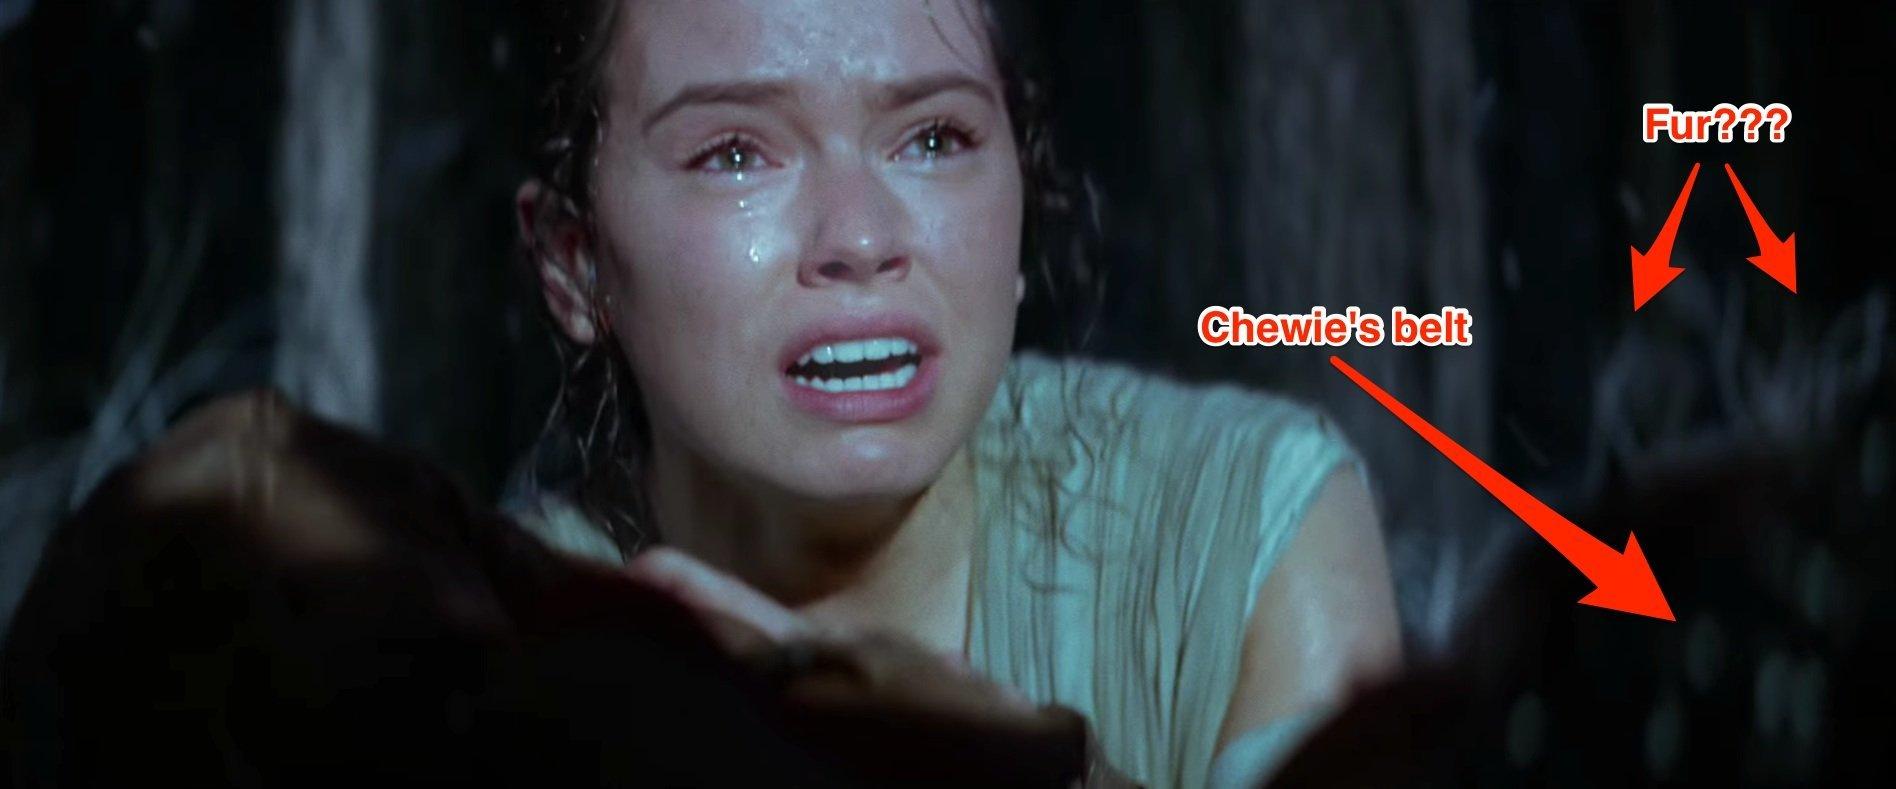 Разбор трейлера «Star Wars: Episode VII». Почему плачет Рей? (осторожно, потенциальный спойлер) - 2